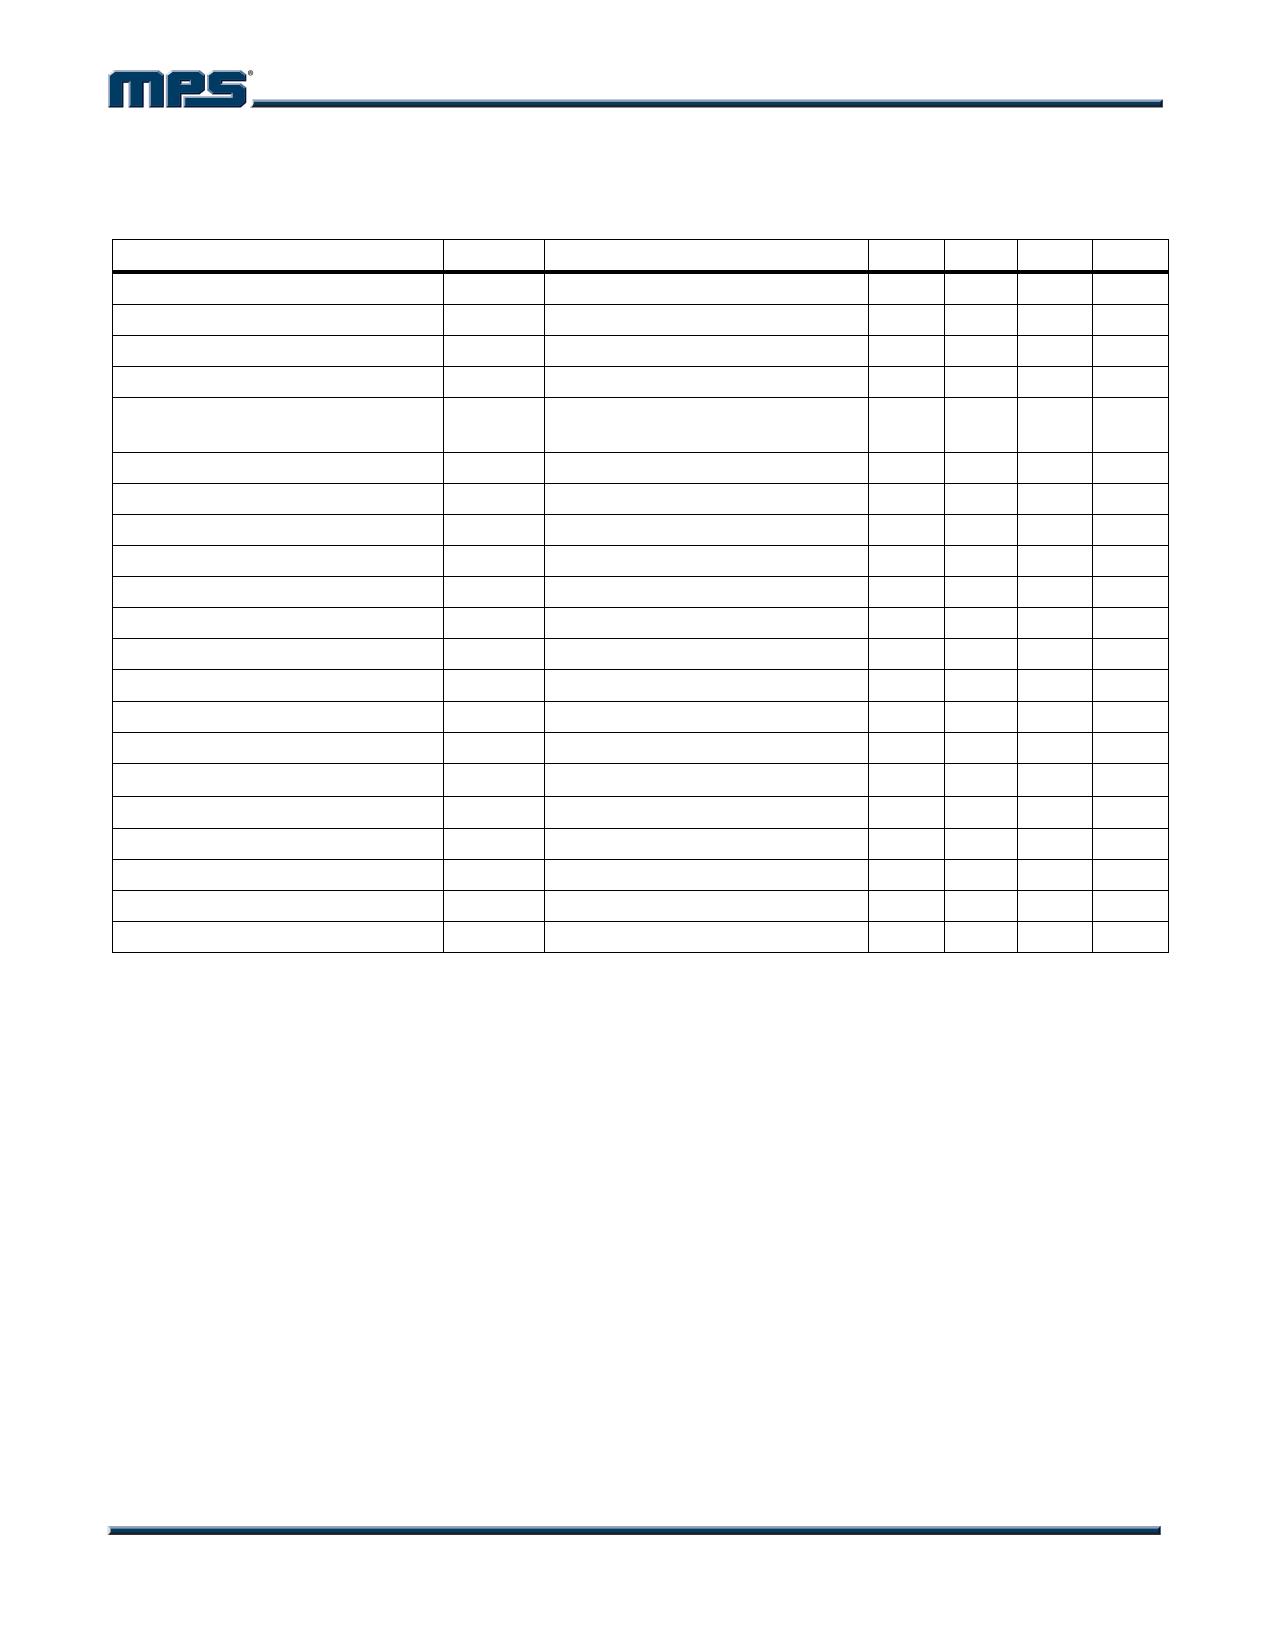 MP1586 pdf, 電子部品, 半導体, ピン配列